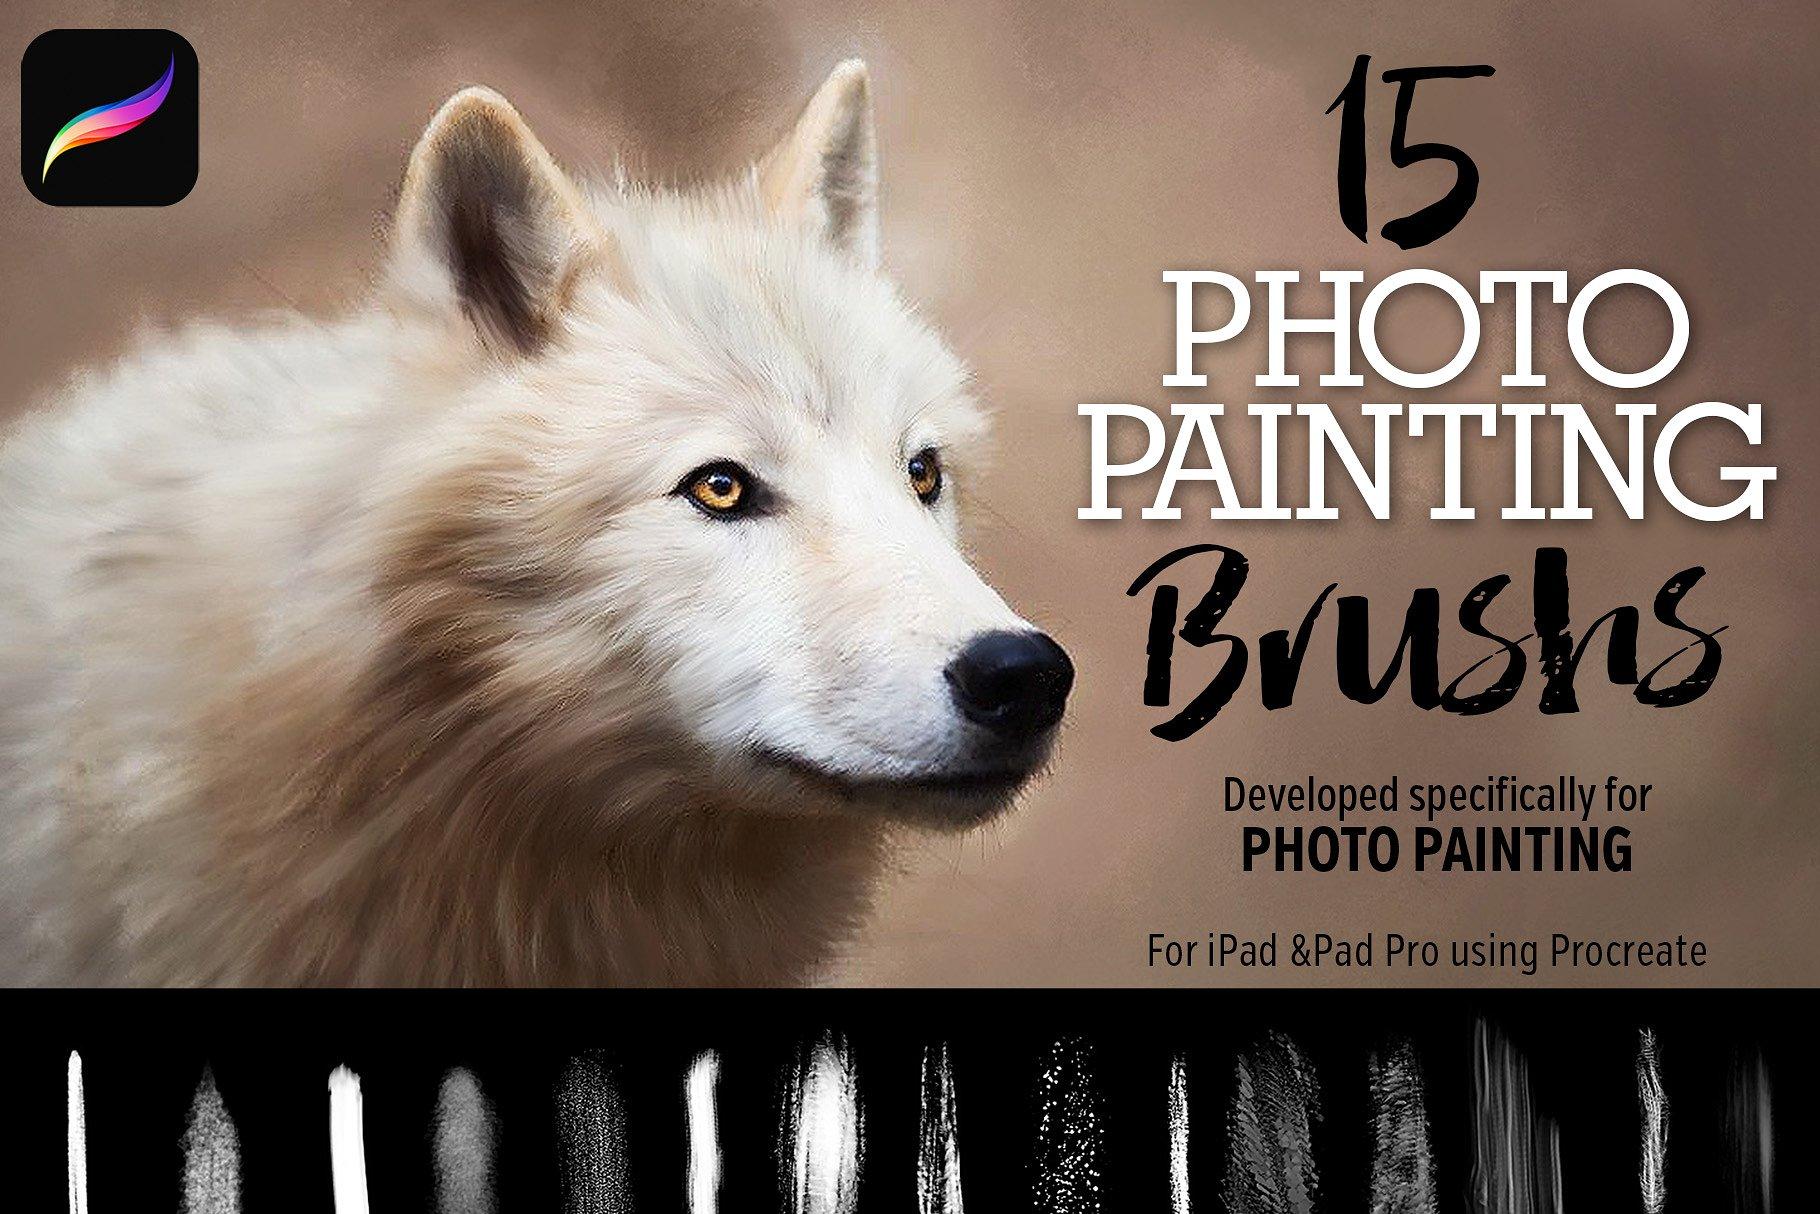 iPad 专用15个彩绘笔刷下载 15 Photo Painting Brushes [brush]设计素材模板